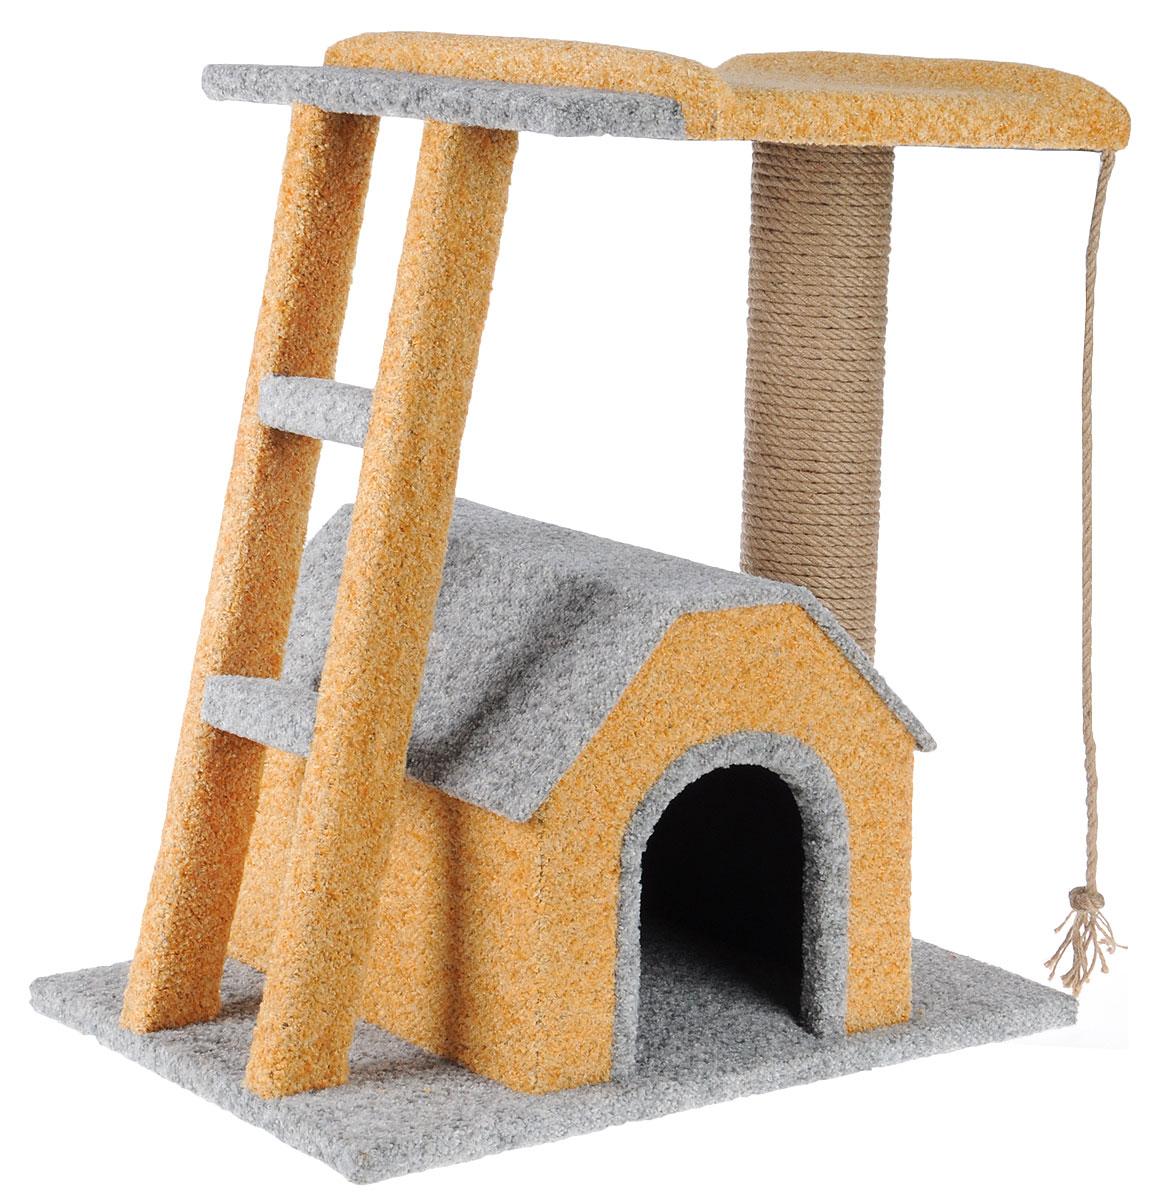 Игровой комплекс для кошек Грызлик Ам Бетси, цвет: серый, песочный, 60 x 40 x 60 см0120710Игровой комплекс для кошек Грызлик Ам Бетси выполнен из высококачественного МДФ и обтянут ковролином. Комплекс состоит из нескольких элементов. В домике животное сможет спрятаться от посторонних глаз и отдохнуть. Верхняя полка прекрасно послужит в качестве лежанки и наблюдений за происходящим. Ковролин, из которого сделан комплекс, обеспечивает естественный уход за когтями питомца, поэтому теперь ваша мебель и стены будут в сохранности. Изделие также имеет лесенку. Уютный комплекс для игр и отдыха станет излюбленным местом вашего питомца. Оригинальный дизайн отлично впишется в интерьер помещения. Размер домика: 34 х 38 х 31 см. Размер верхней полки: 50 х 38 см.Общий размер комплекса: 60 х 40 х 60 см.